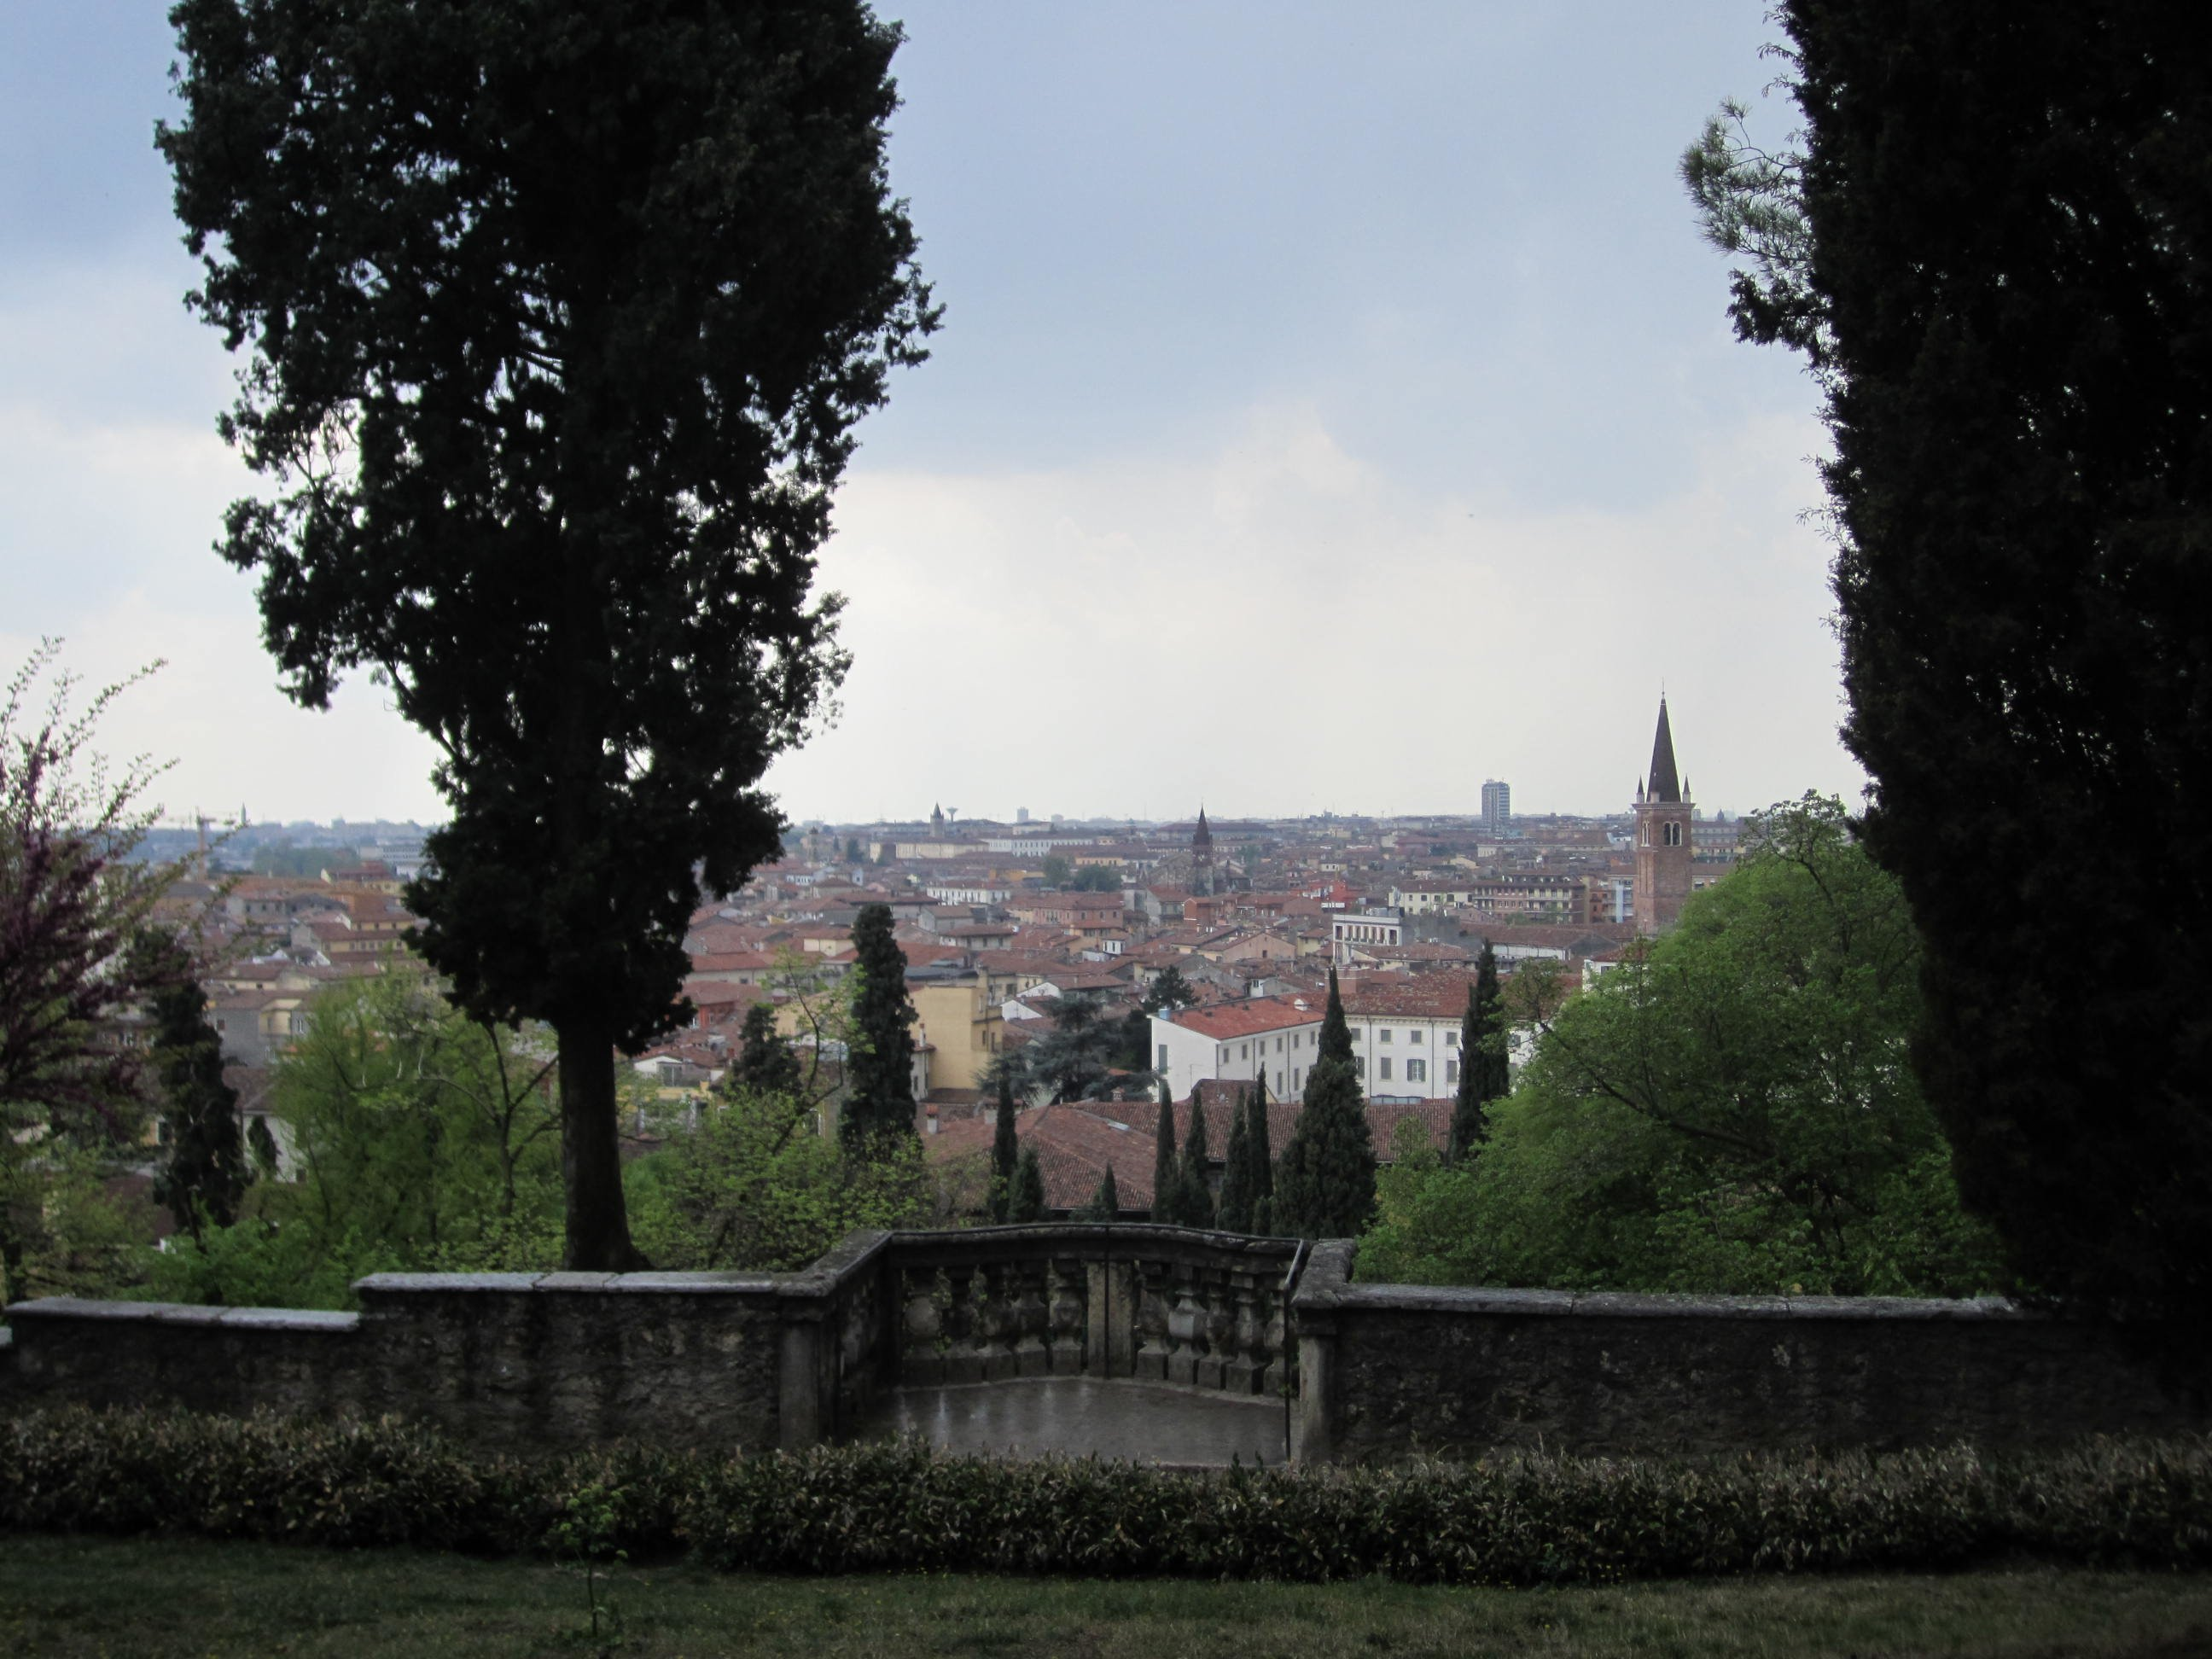 Verona from Giardino Giusti